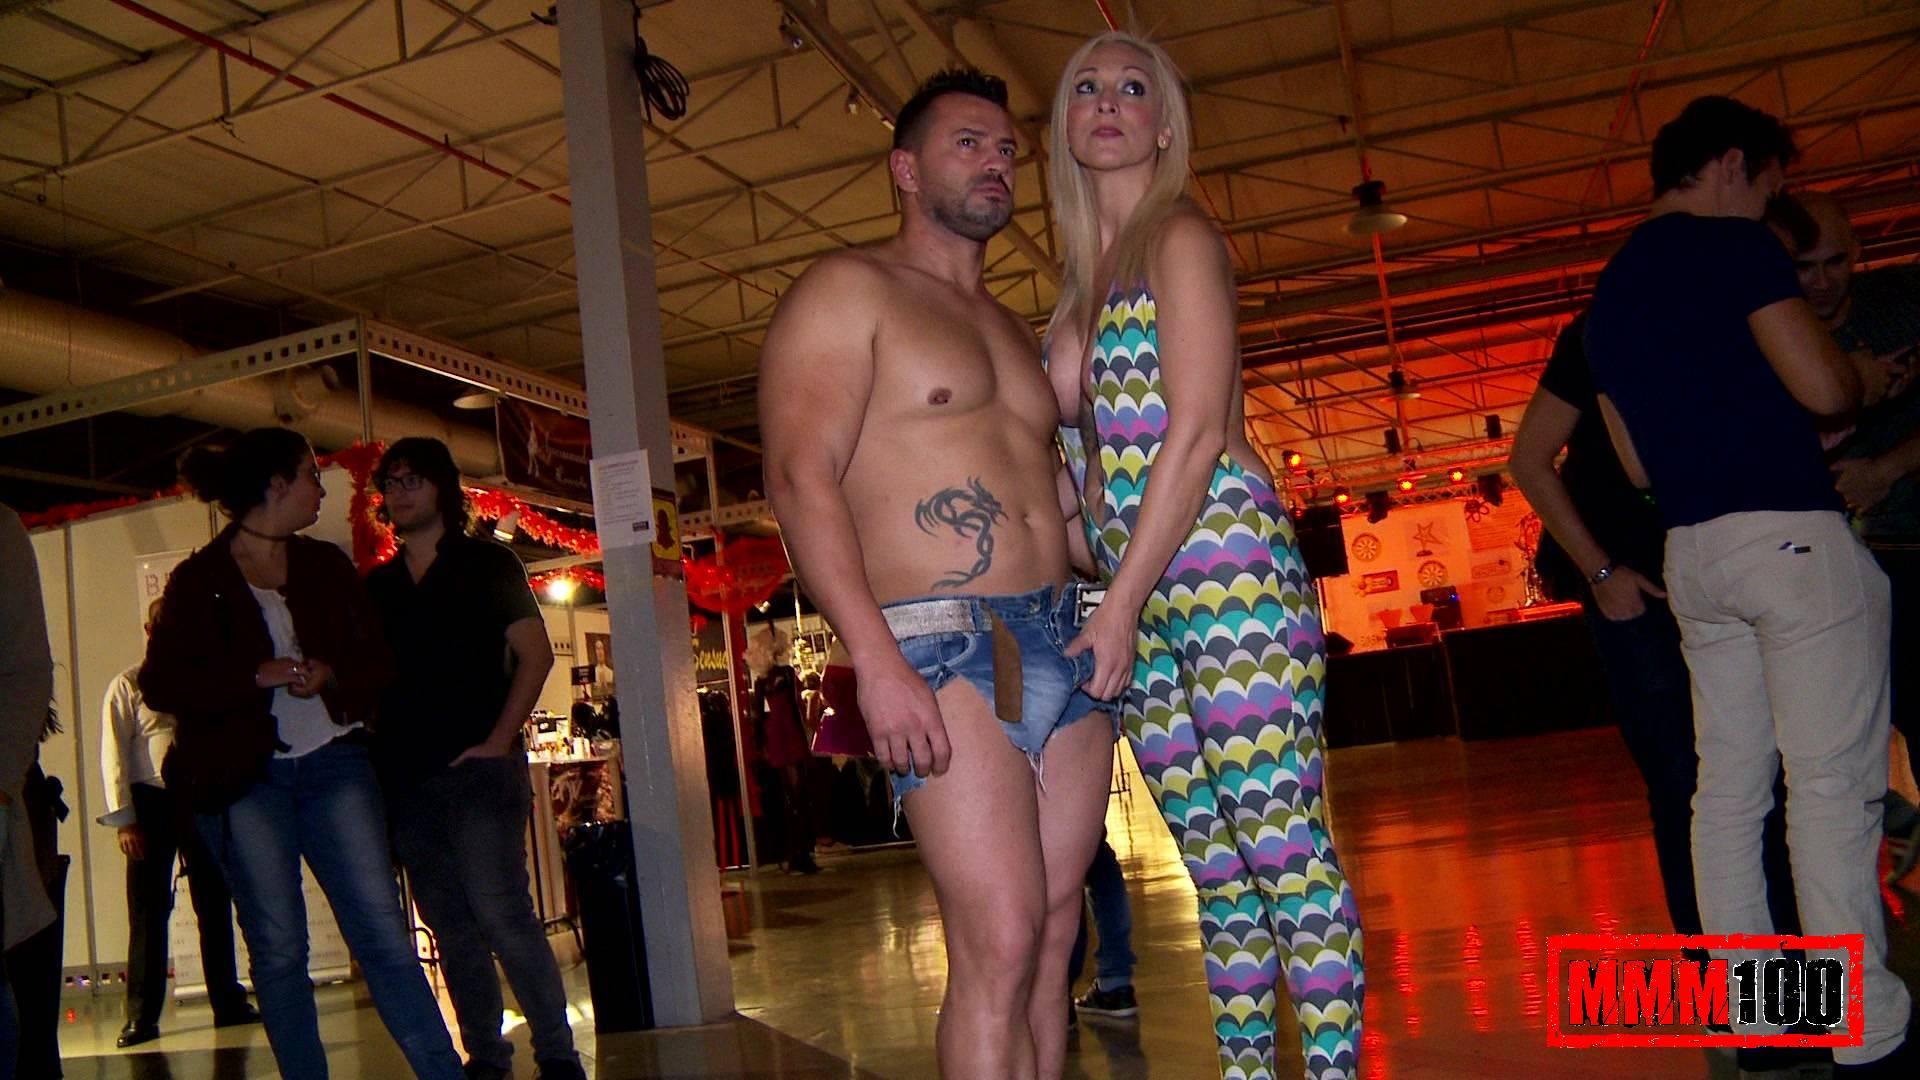 Bryan de la vega y maria follando entre el publico semad - 1 part 5